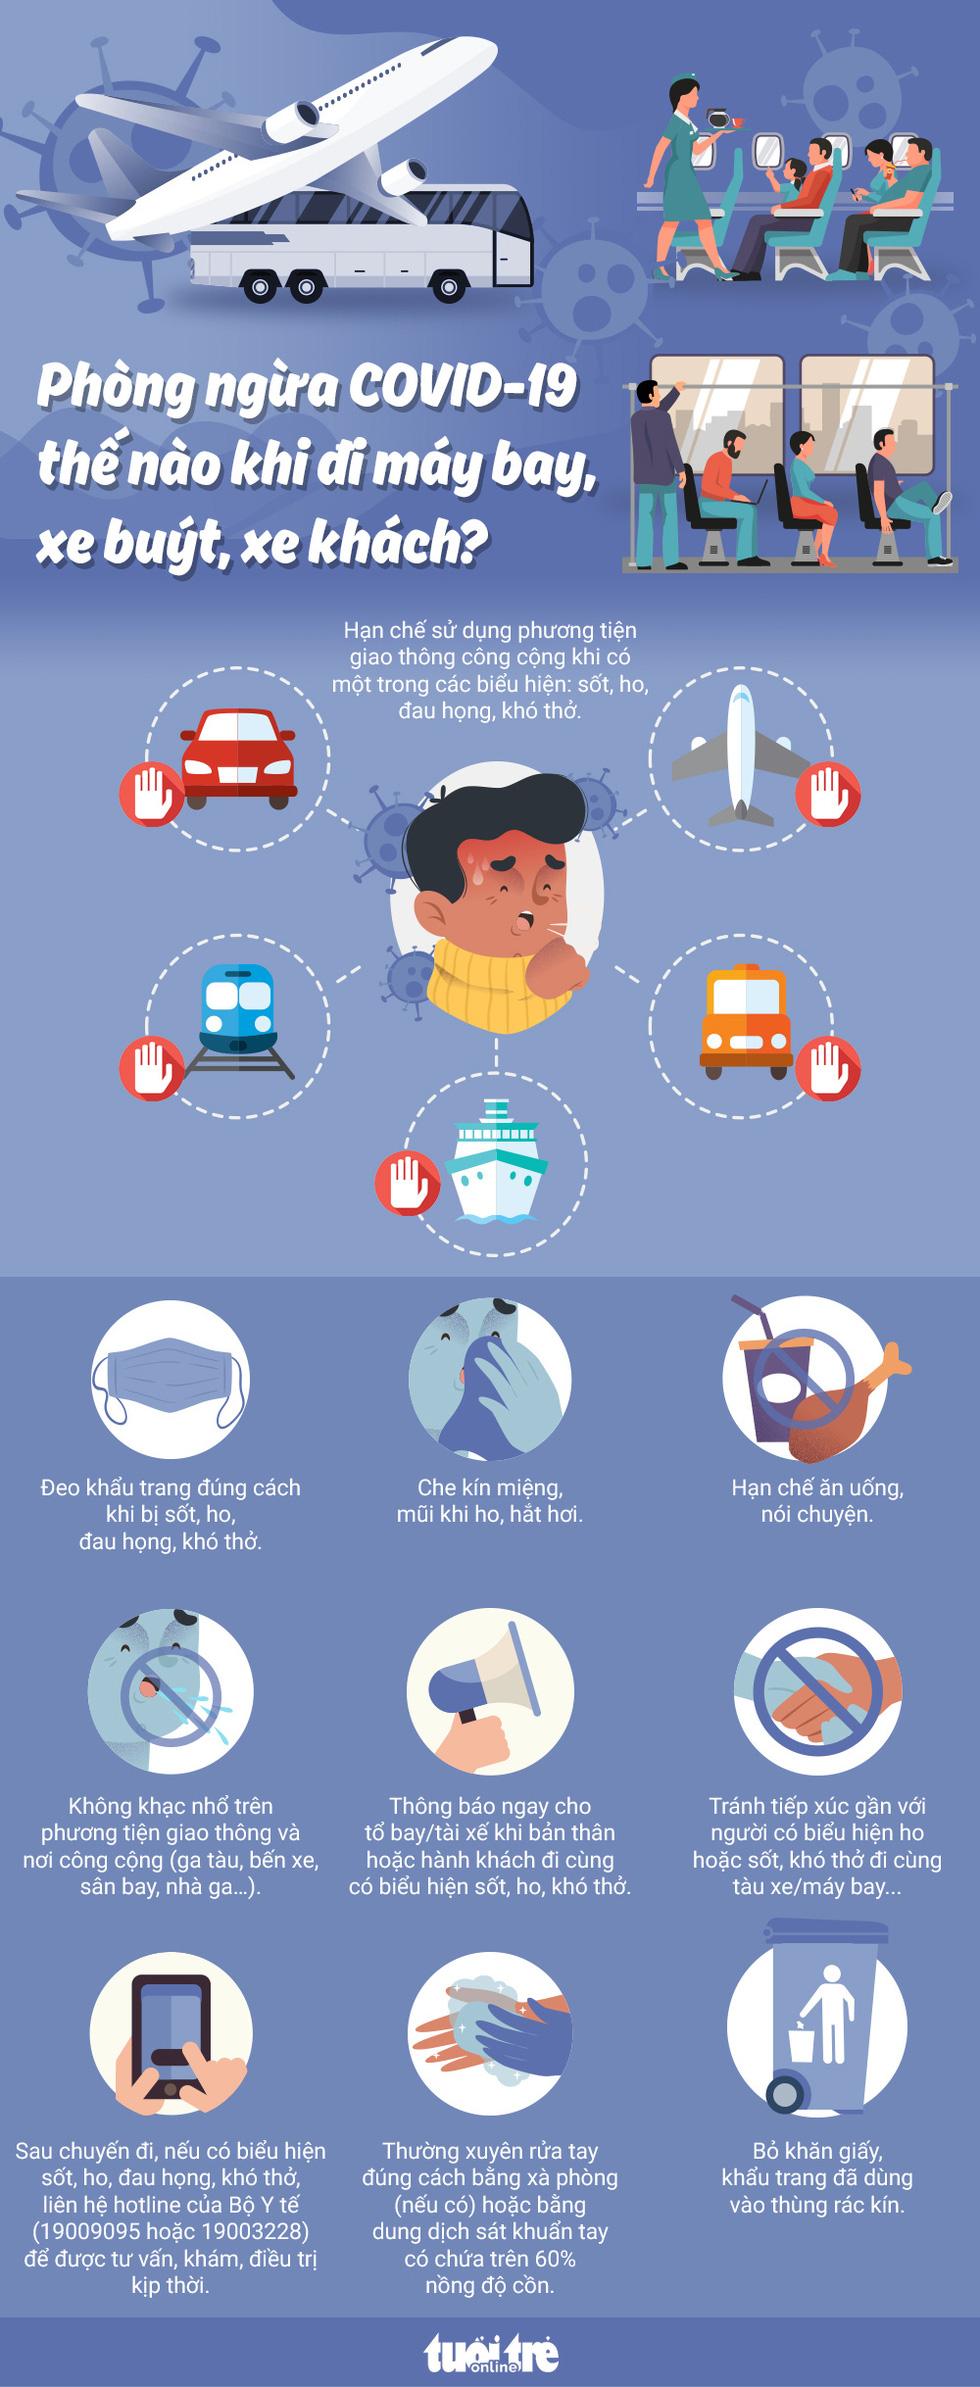 Phòng ngừa COVID-19 thế nào khi đi máy bay, xe buýt, xe khách...? - 2